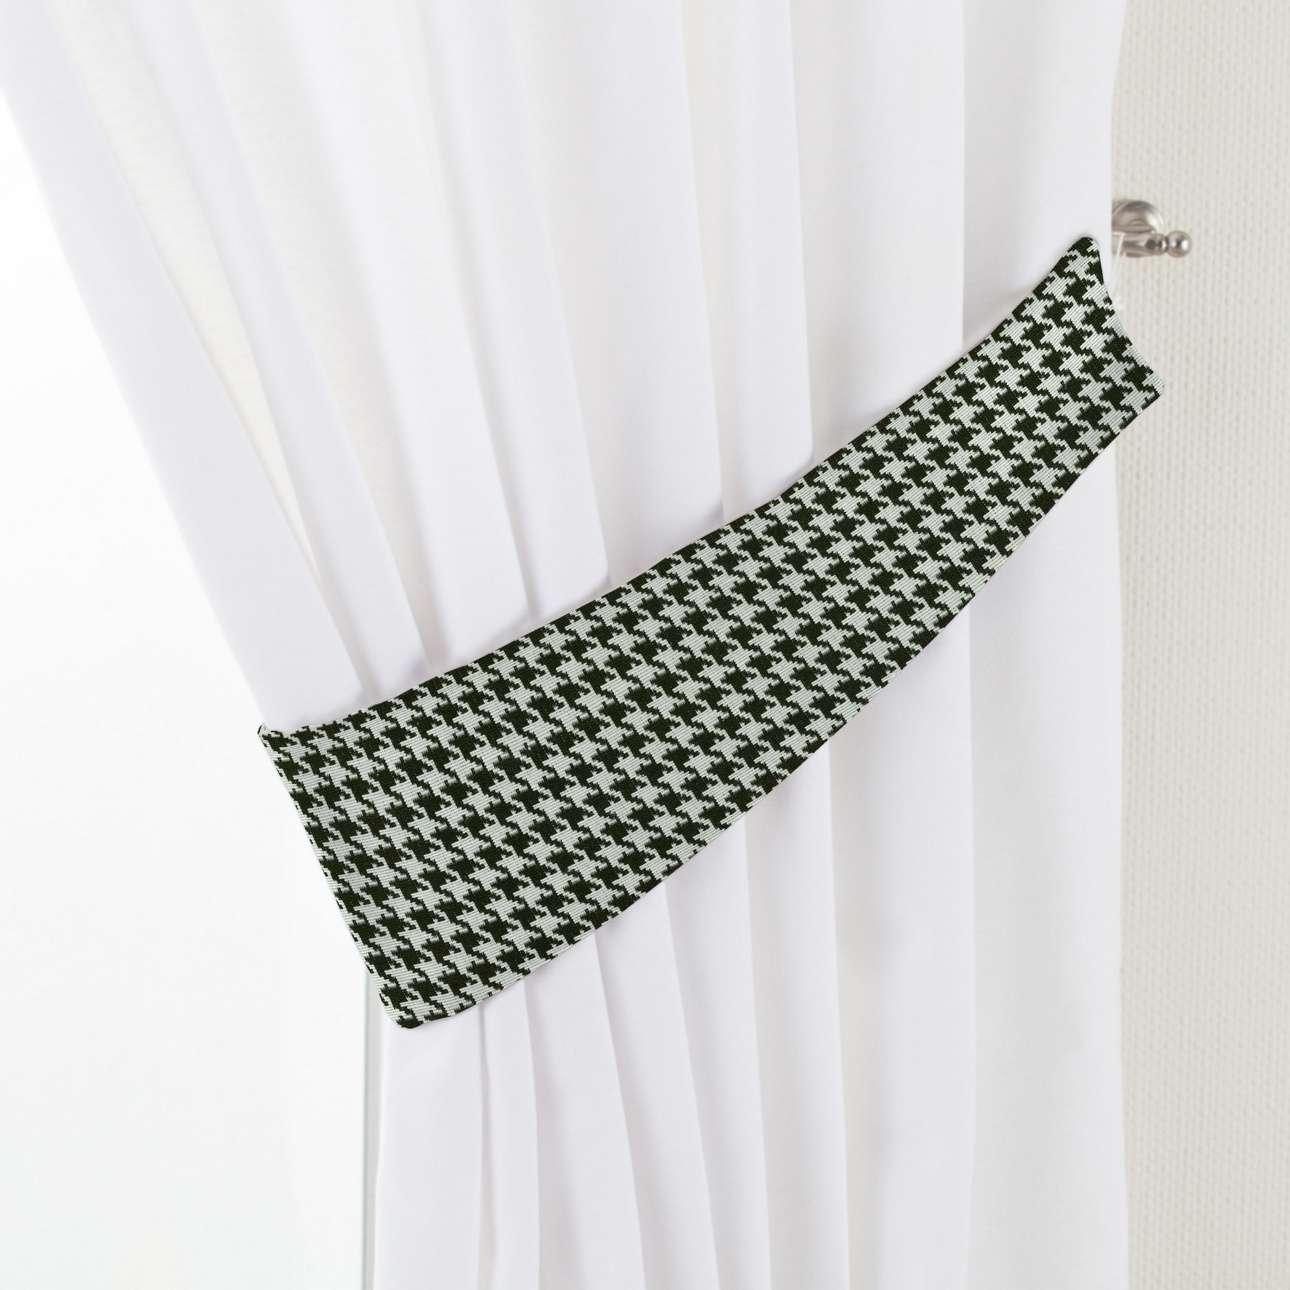 Podwiązka Victoria w kolekcji Black & White, tkanina: 142-77